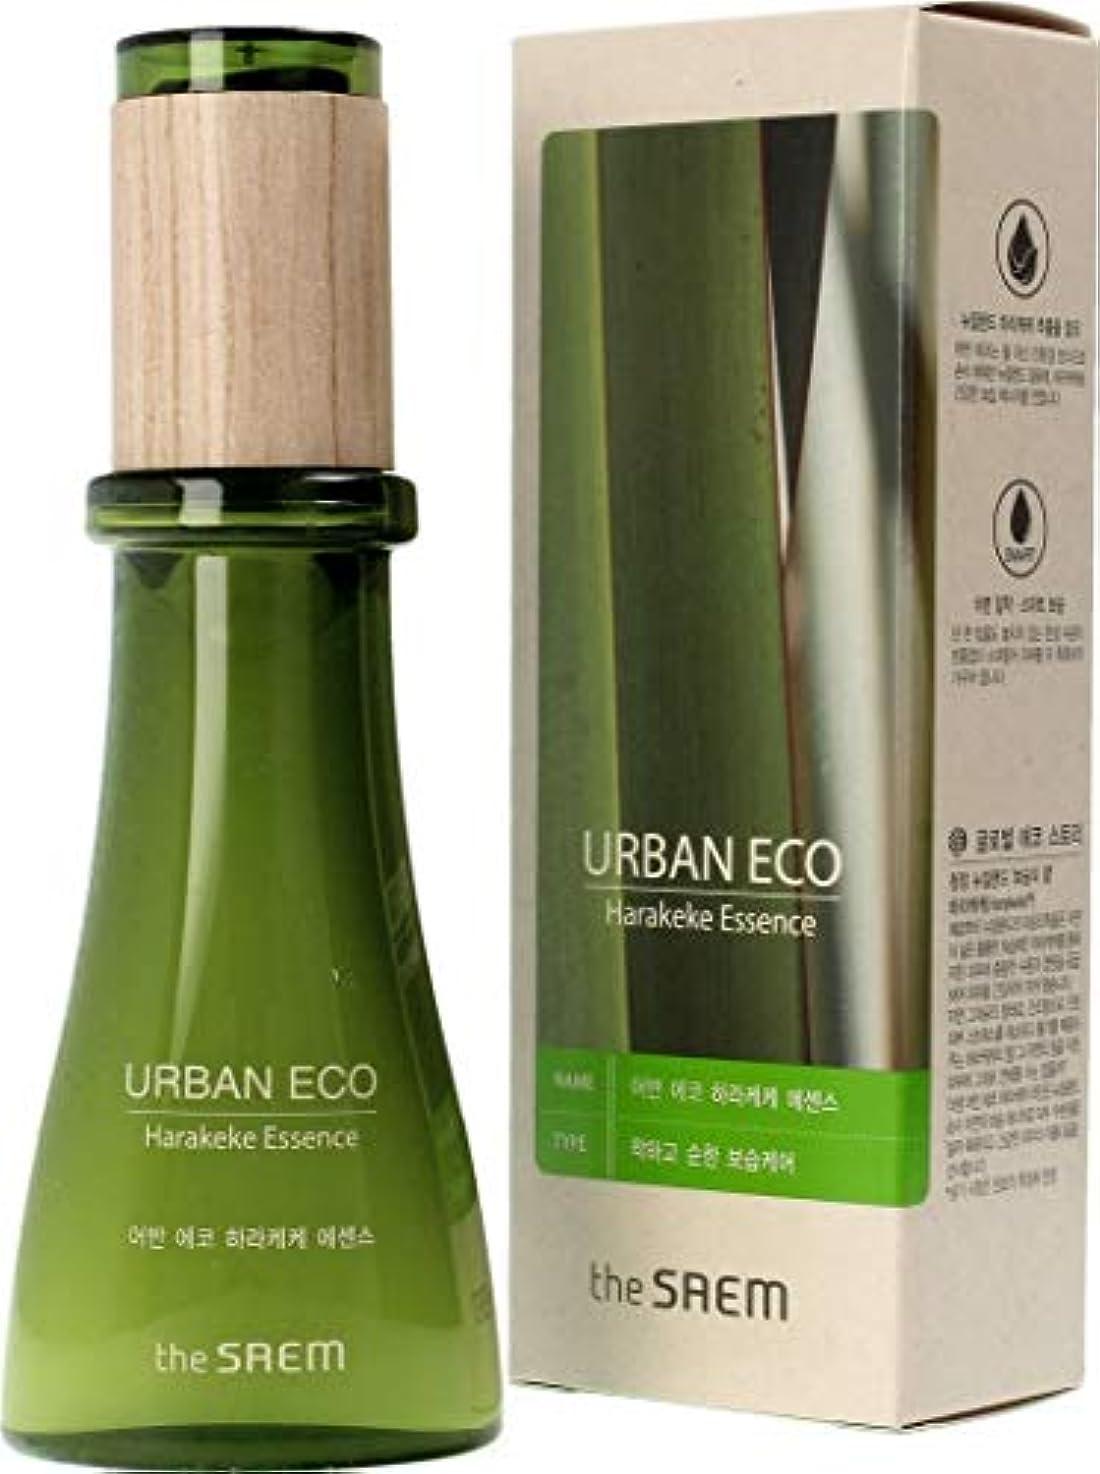 メトリック大騒ぎ闇THE SAEM ザセム アーバン エコ ハラケケ エッセンス Urban Eco Harakeke Essence 55ml 【高保湿 美容液 韓国コスメ】